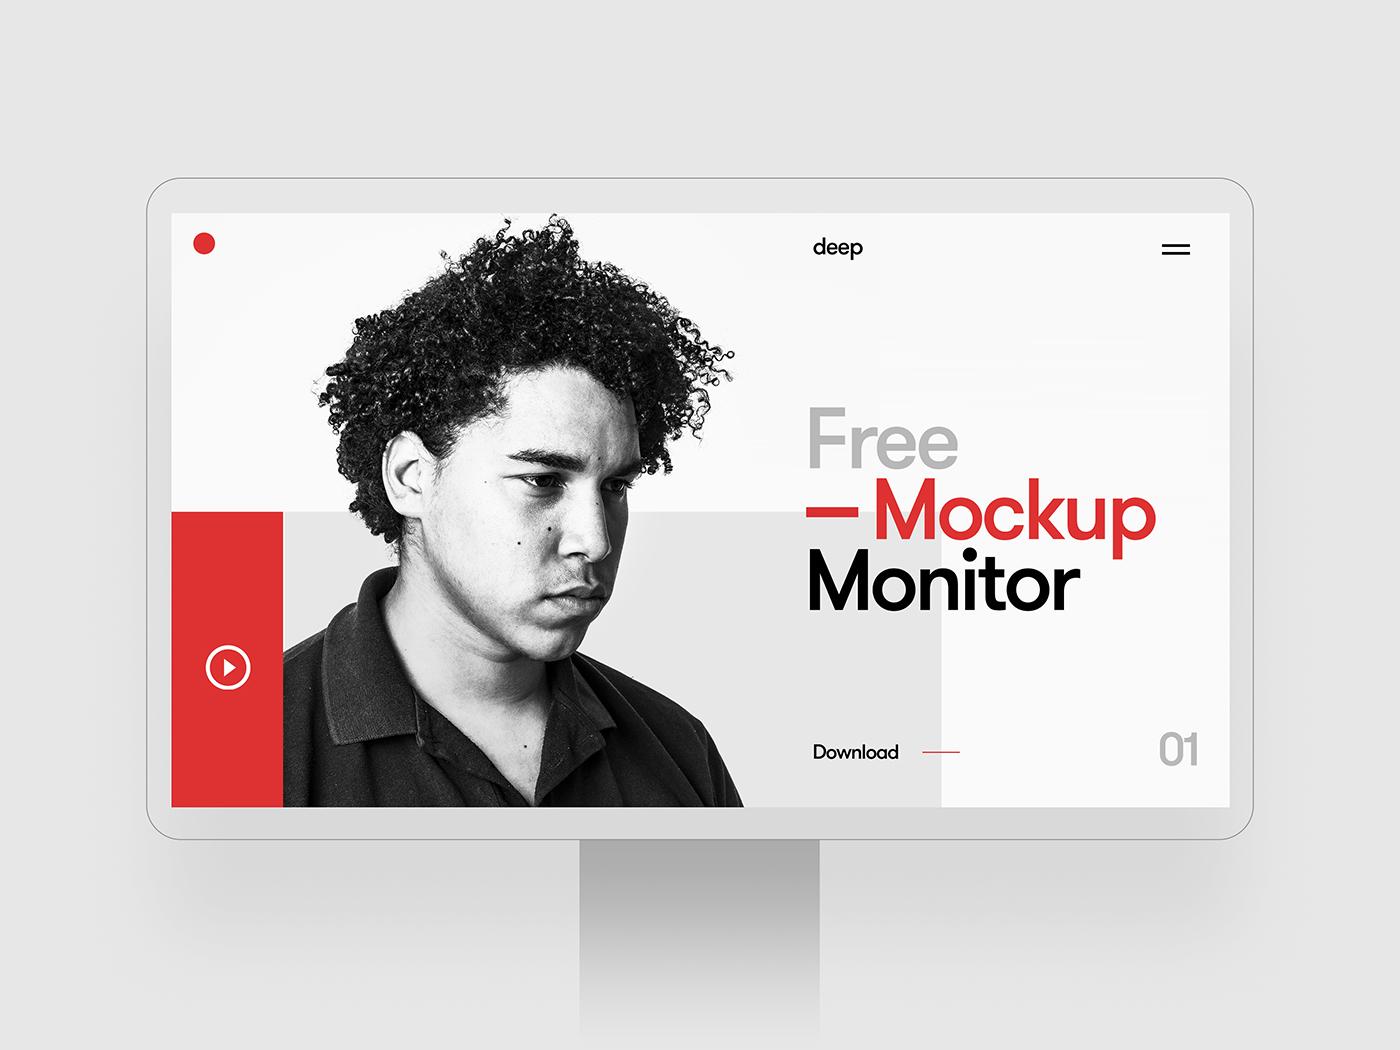 Monitor Mockup 01